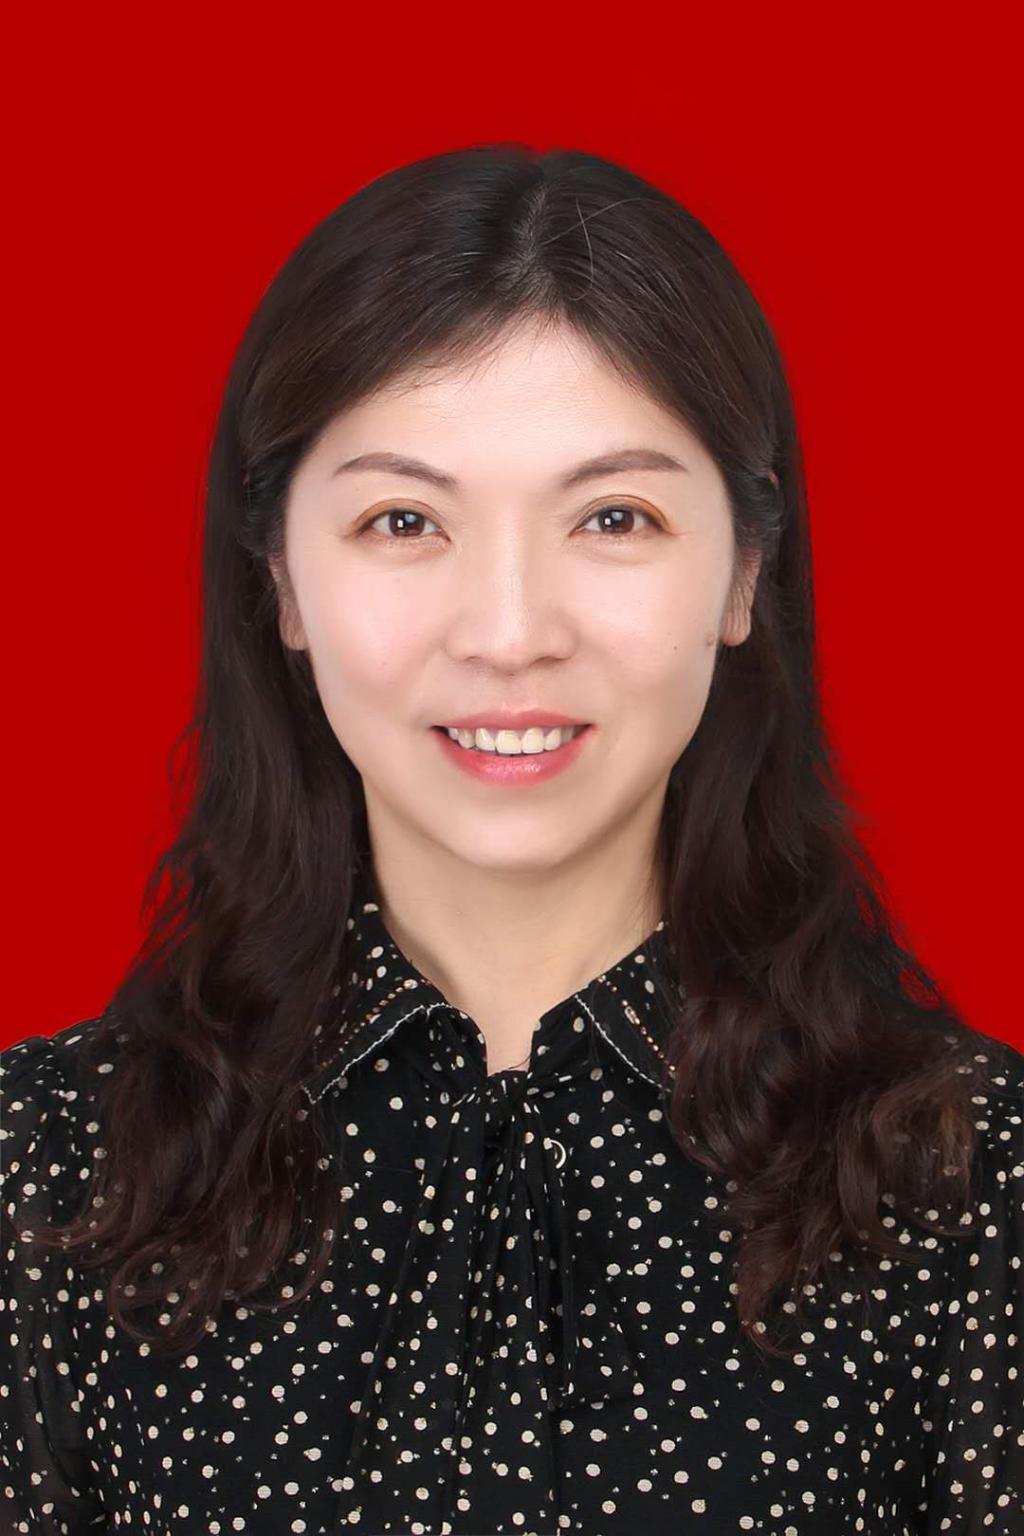 博兴新世纪兼职美女_王晓敏(女)-太原理工大学材料科学与工程学院